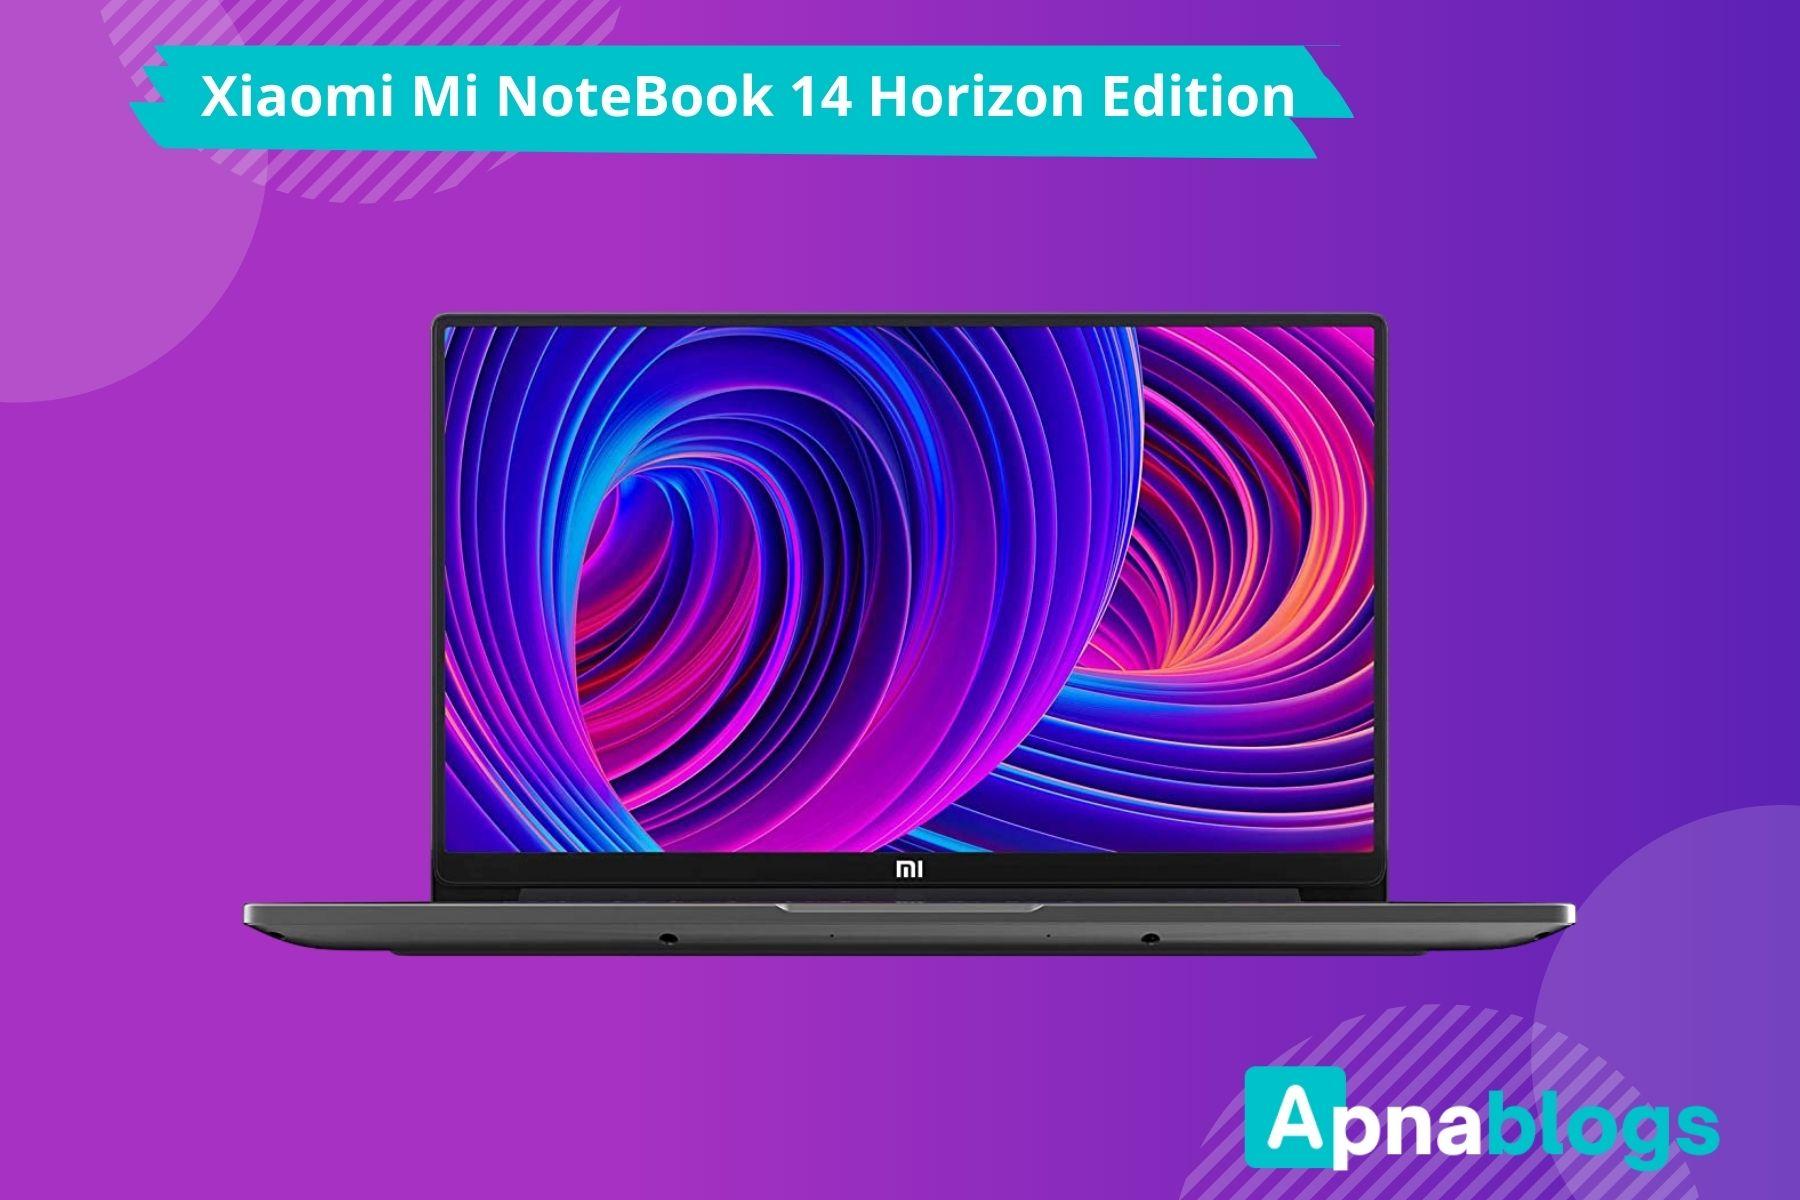 Xiaomi Mi NoteBook 14 Horizon